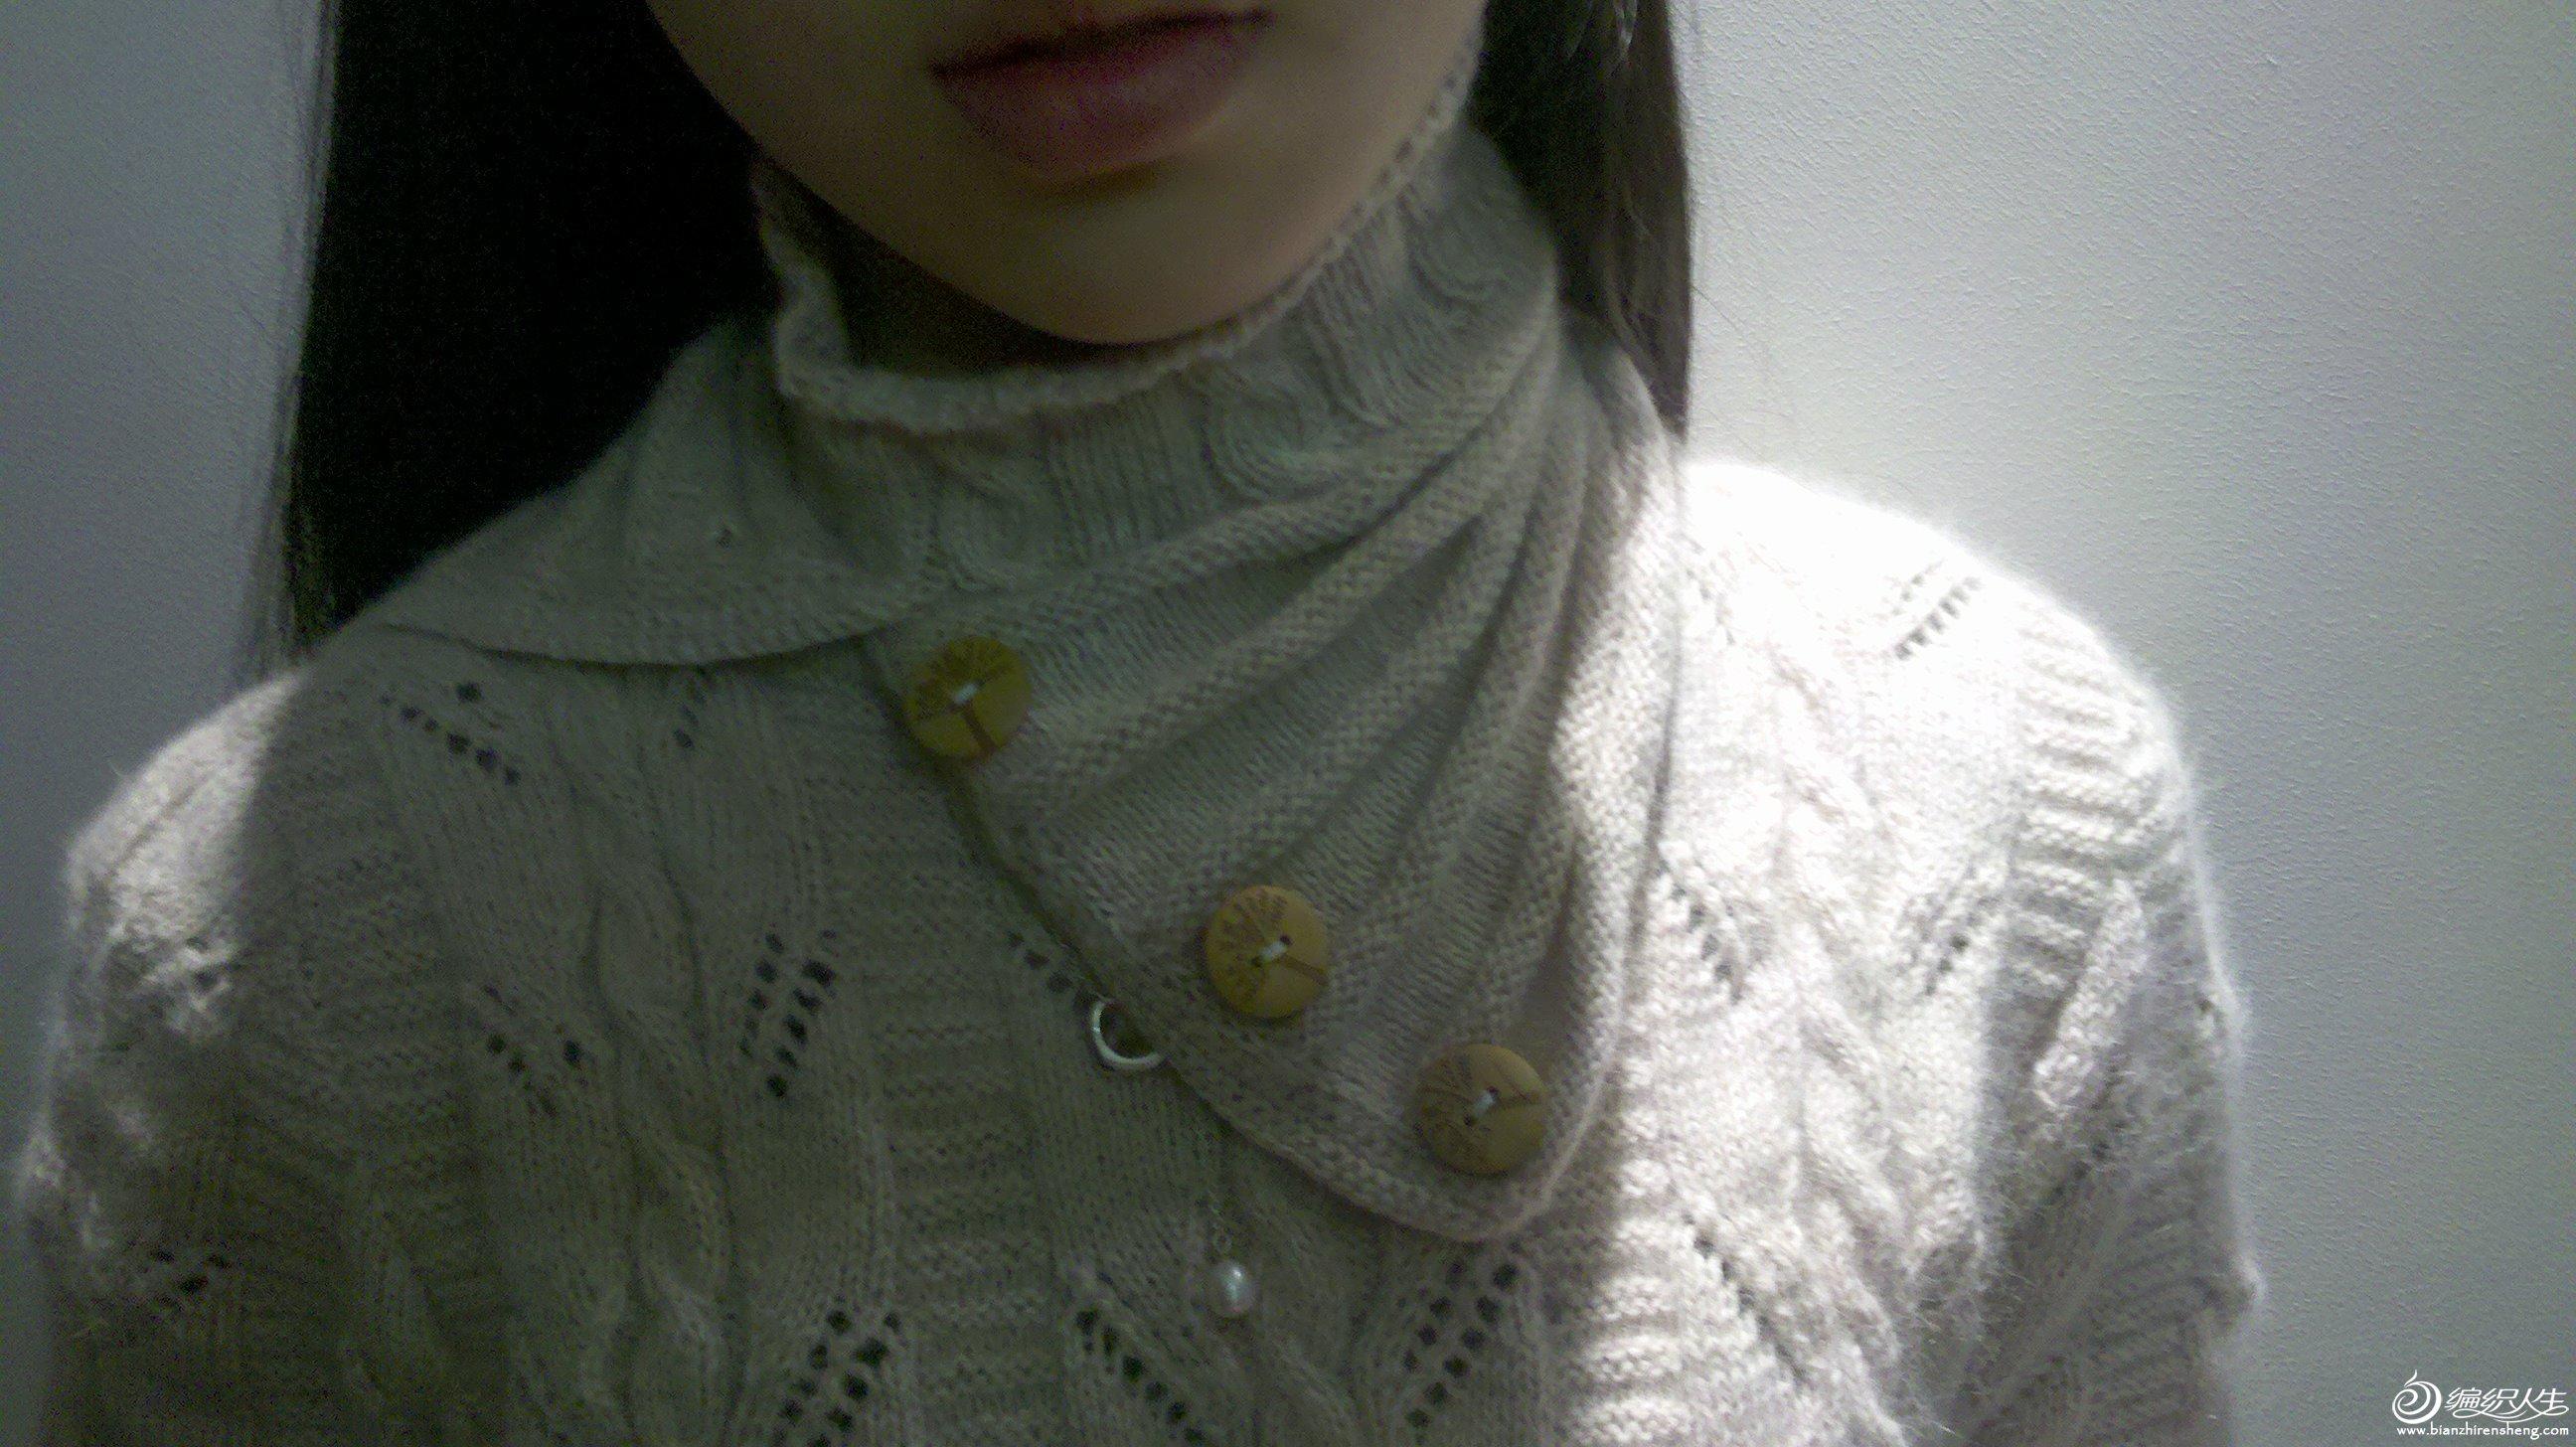 2012-02-09_20-52-15_330.jpg